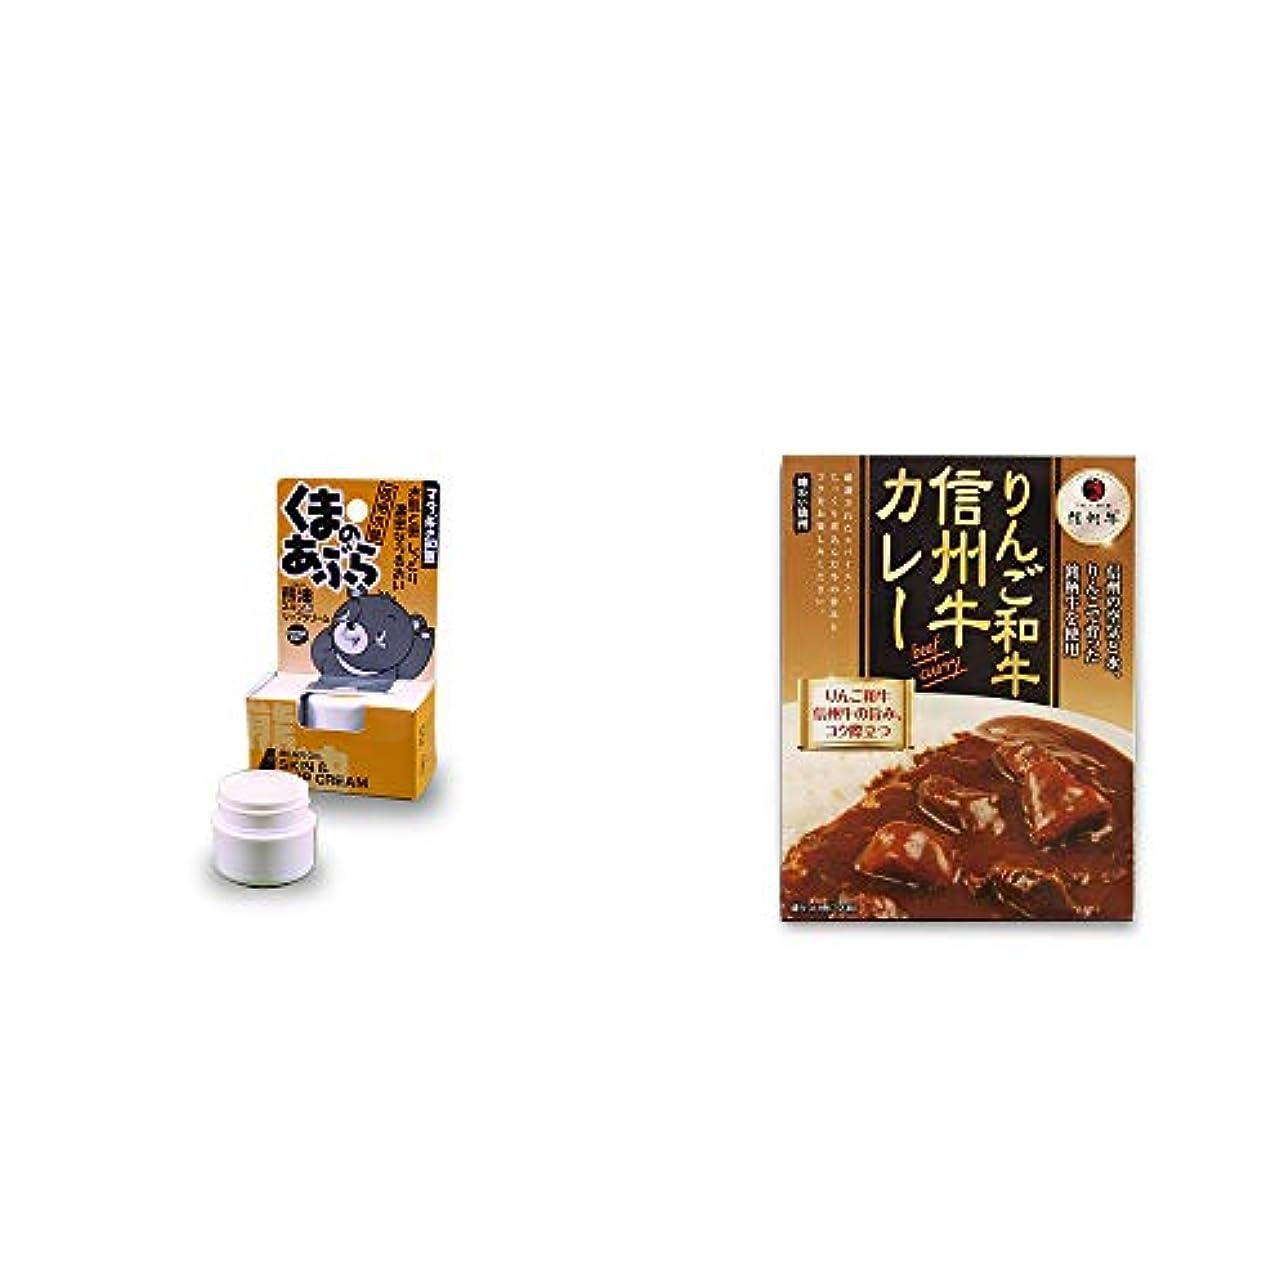 変化通り抜けるワードローブ[2点セット] 信州木曽 くまのあぶら 熊油スキン&リップクリーム(9g)?りんご和牛 信州牛カレー(1食分)